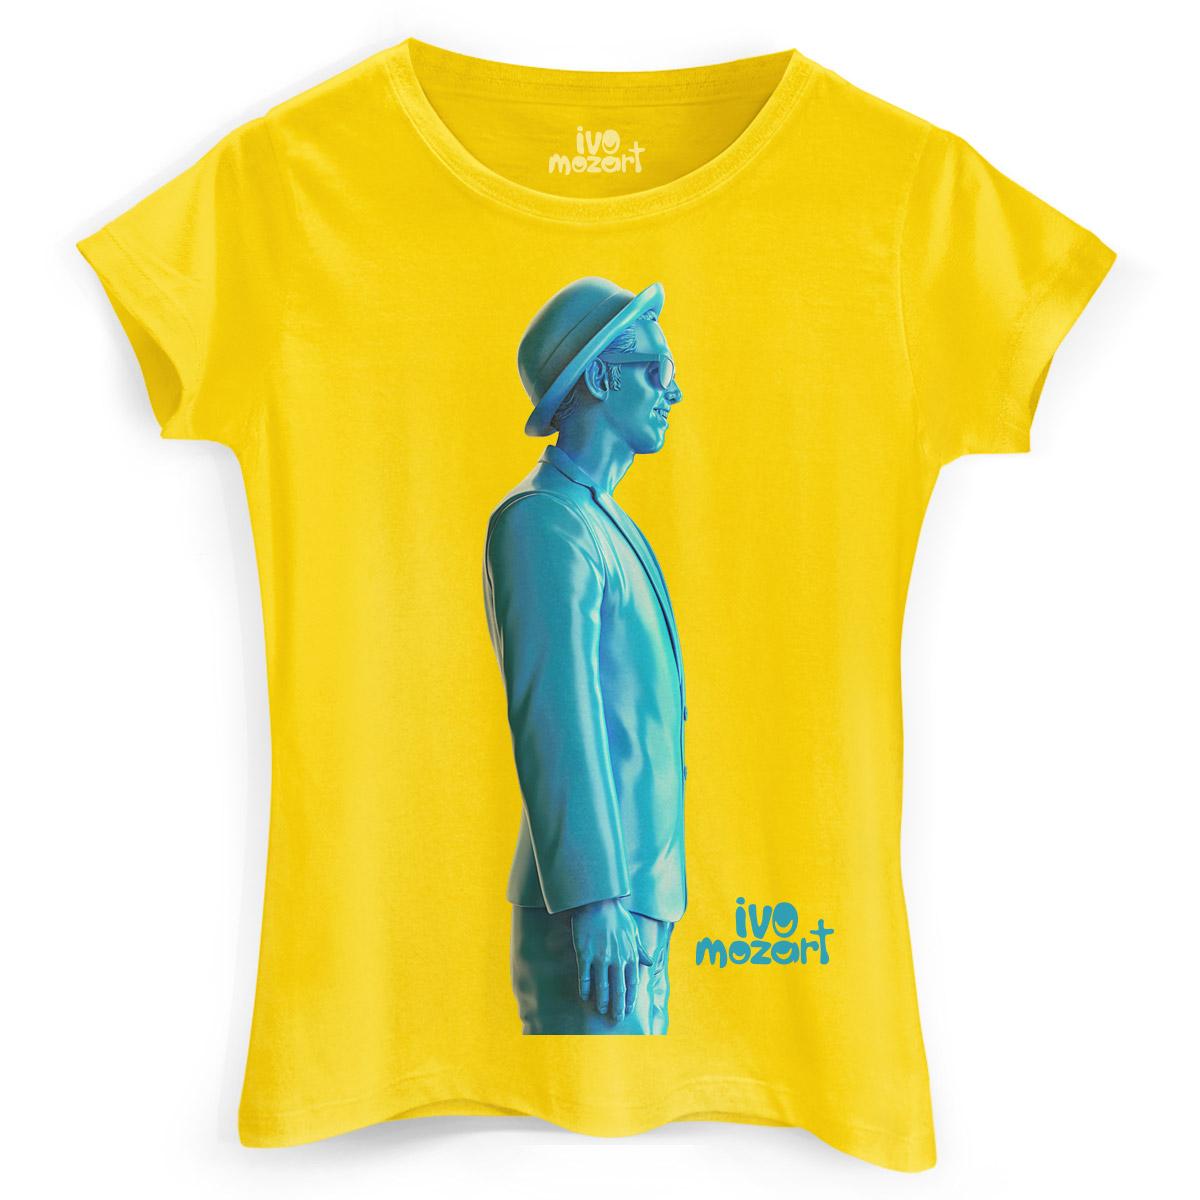 Camiseta Feminina Ivo Mozart 29 Capa